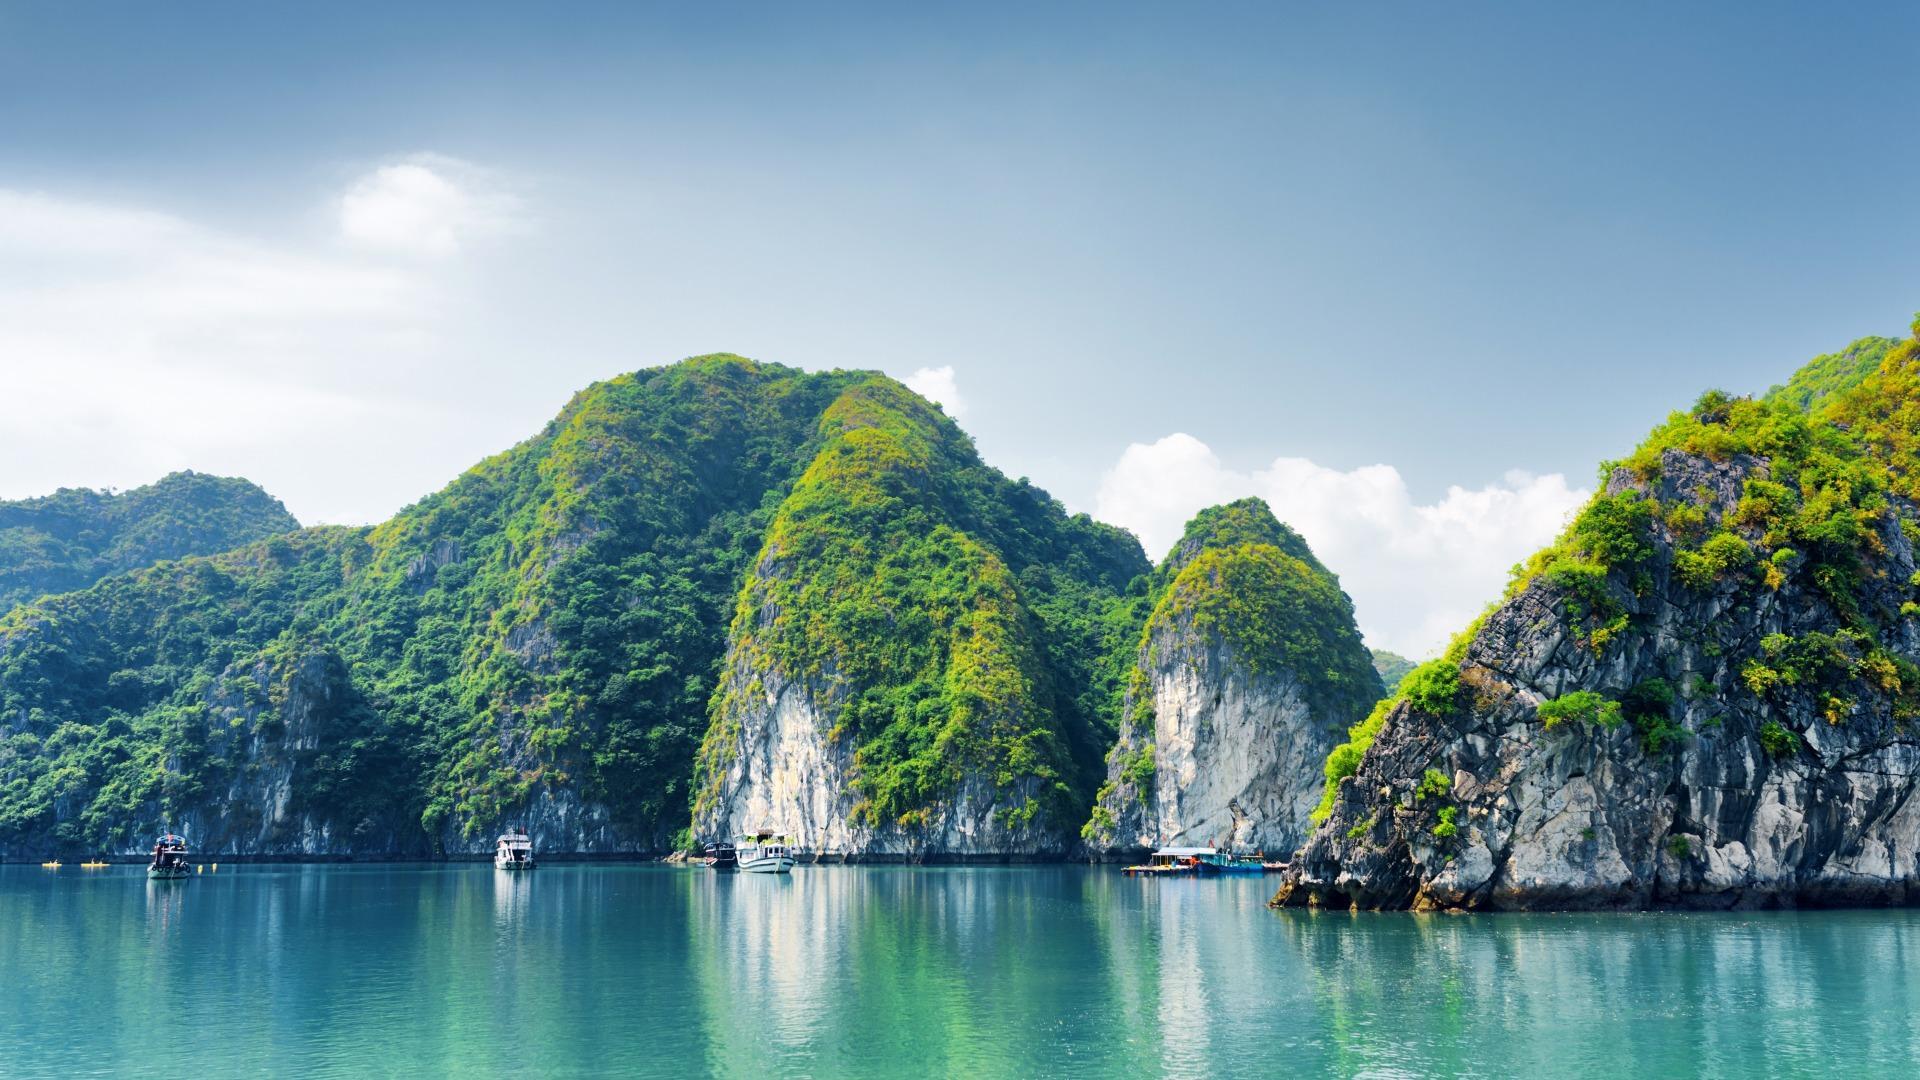 清新的绿色自然风景摄影高清宽屏桌面壁纸